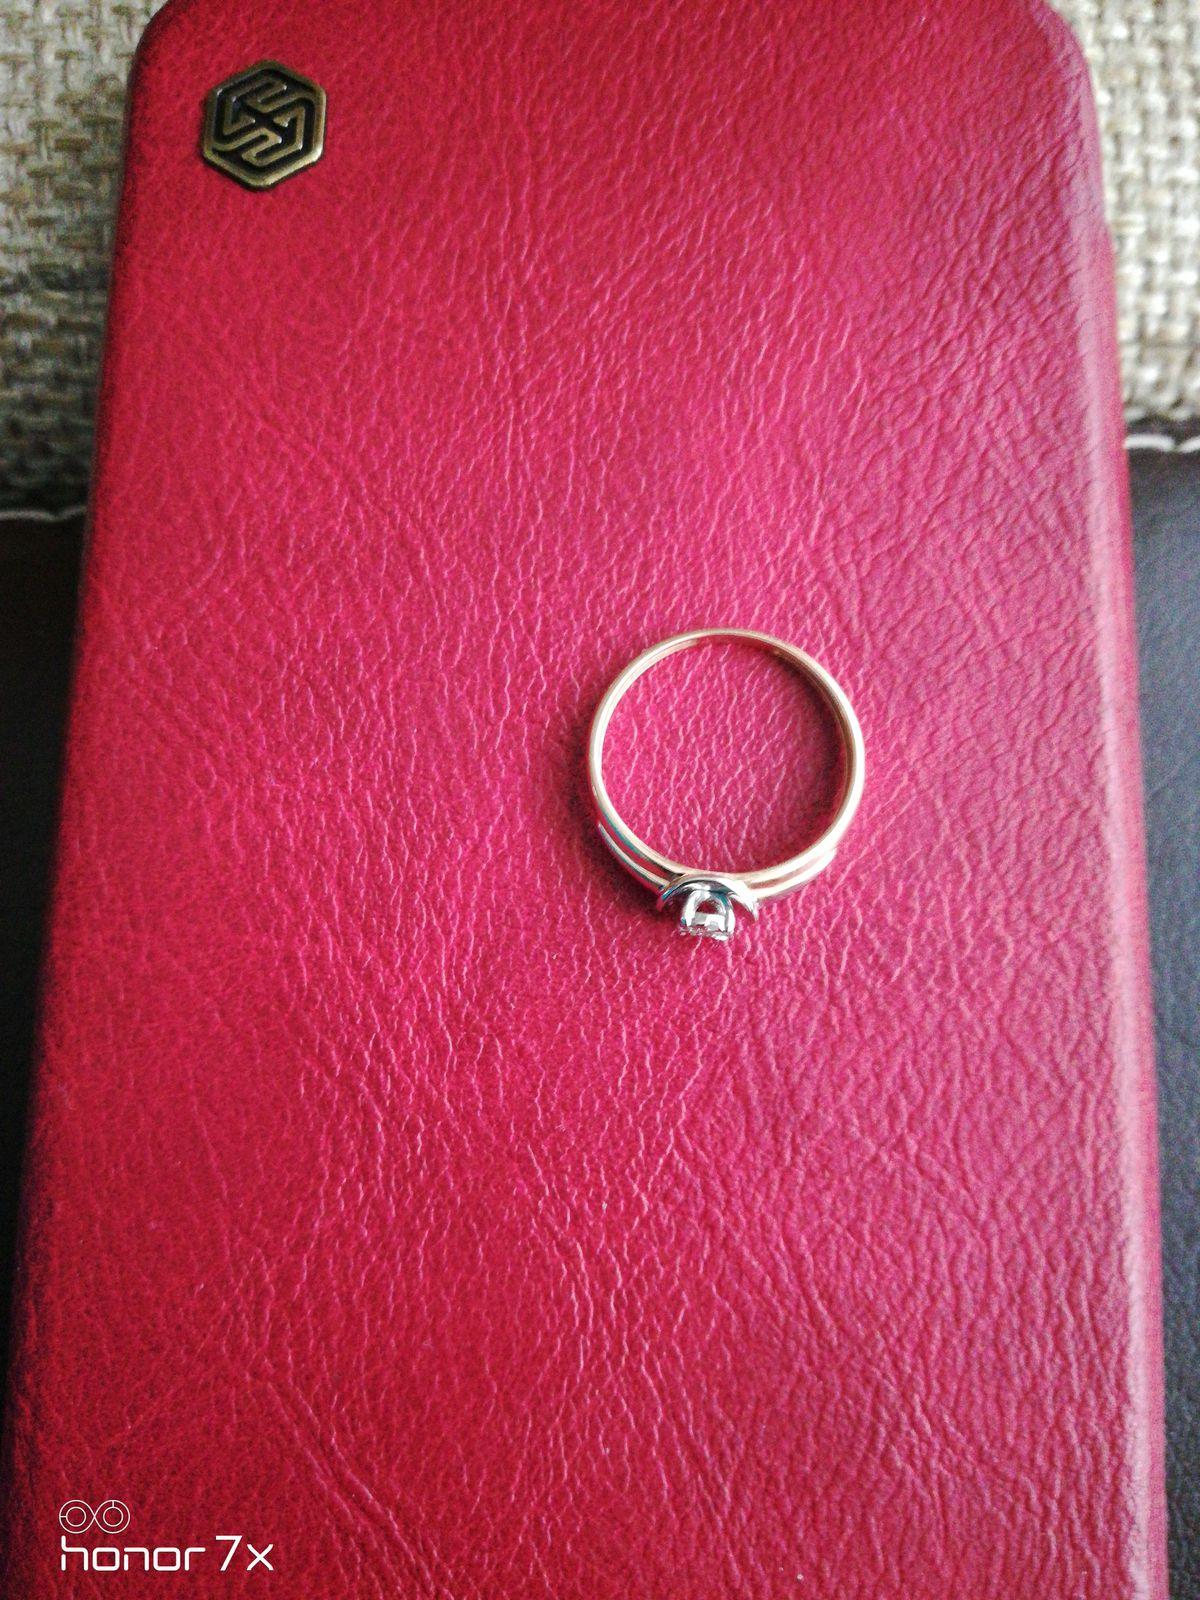 Прекрасный подарок для женщины любого возраста и социального статуса.